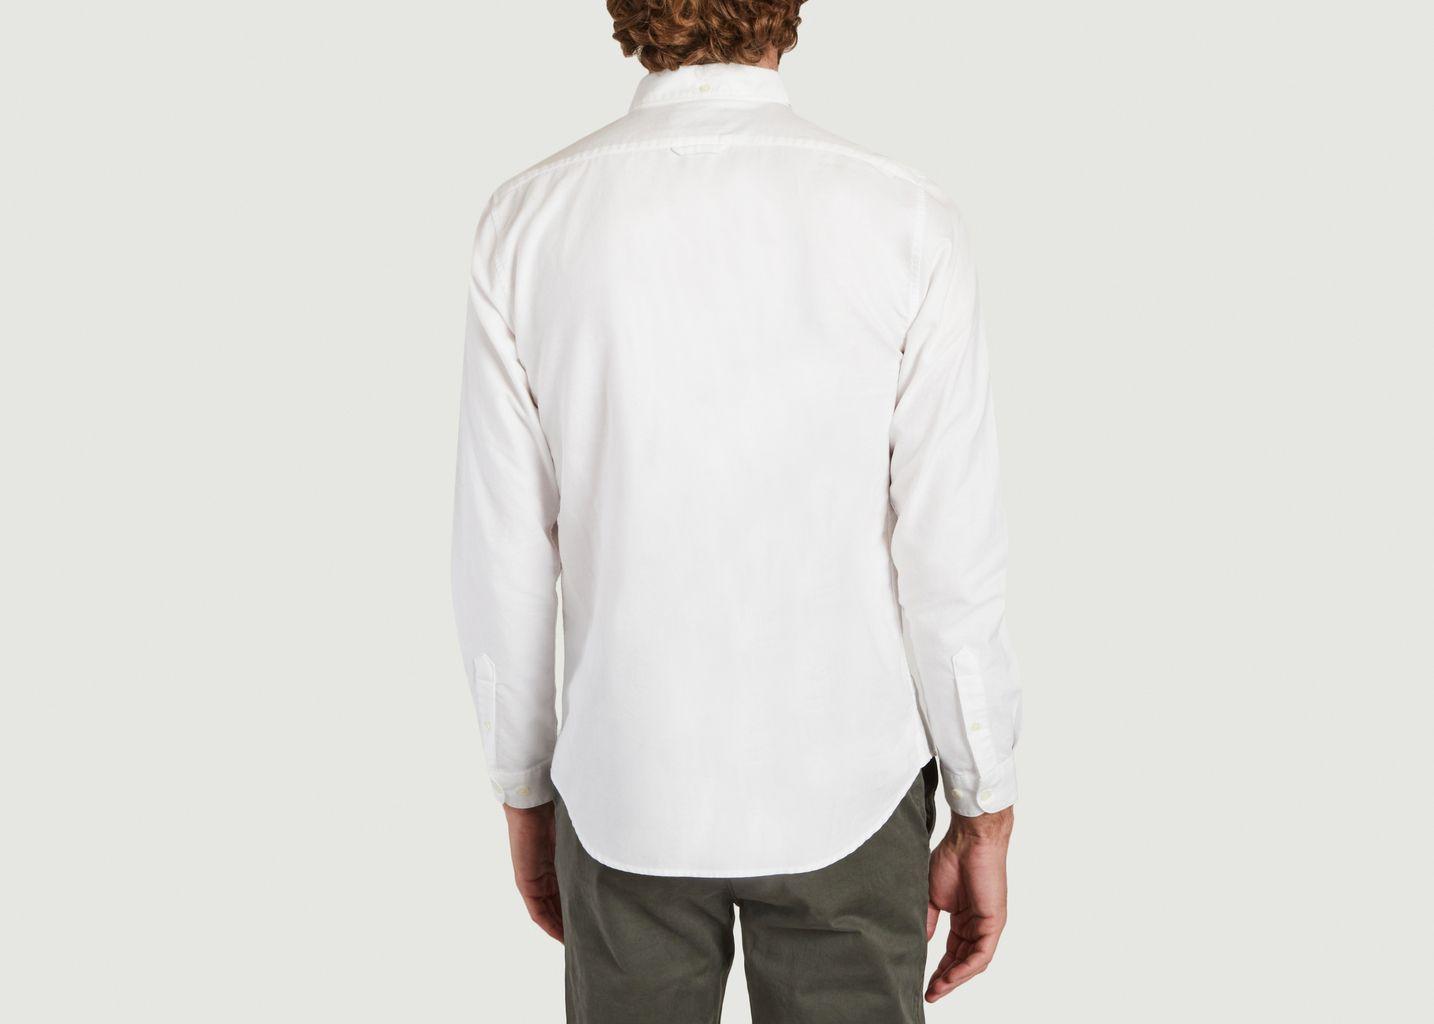 Chemise Boutonnée Broderie Maison Blanc Cassé - Cuisse de Grenouille